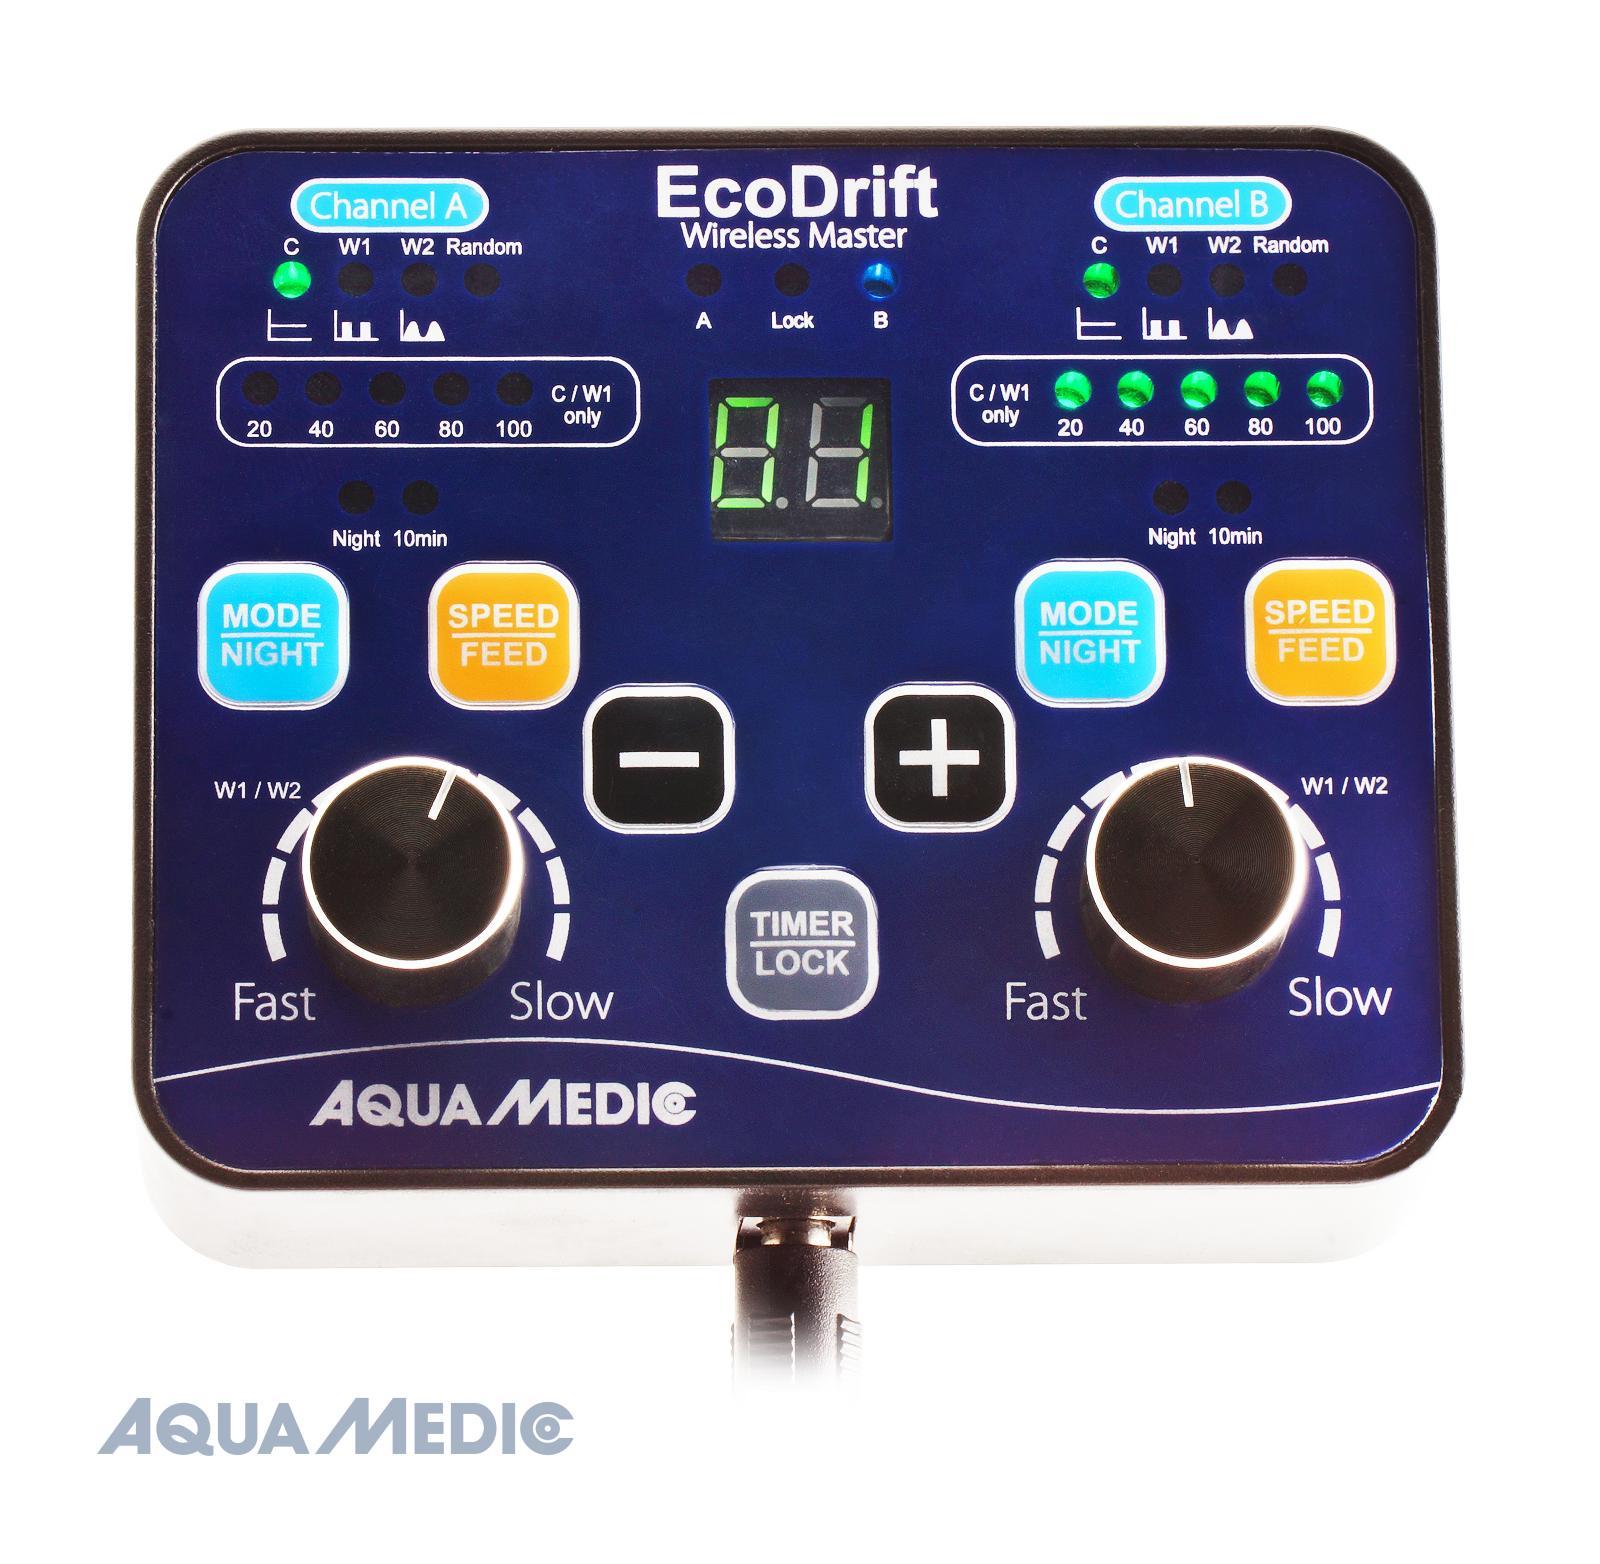 EcoDrift Wireless Master Controller - Wireless Steuerung für EcoDrift Stömungspumpen der Serie x.1